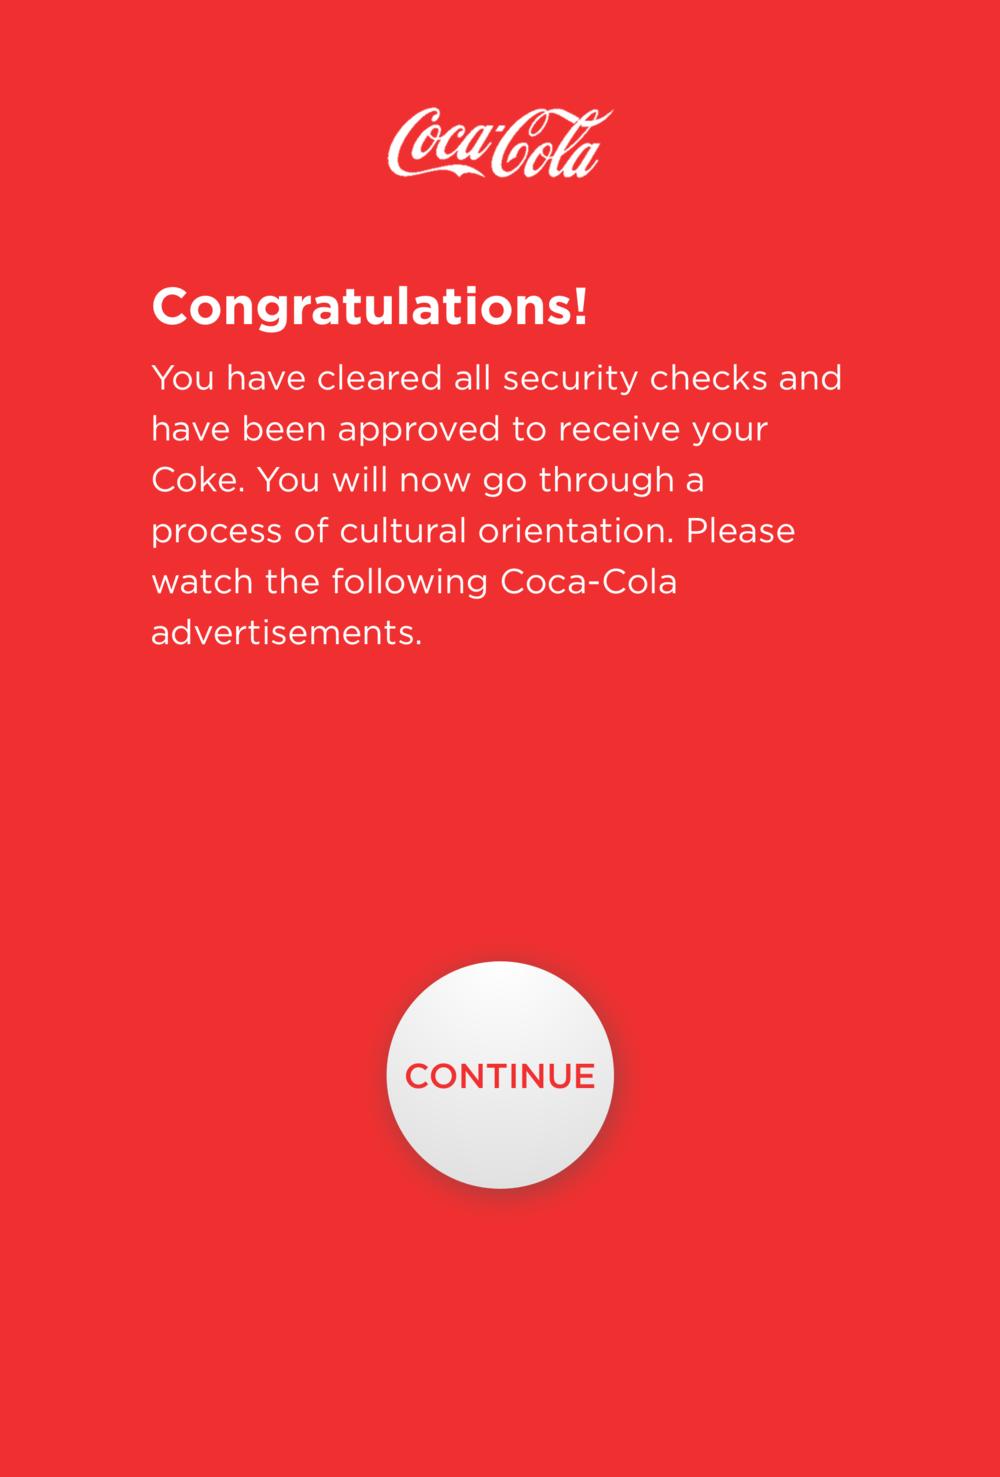 coke16.png